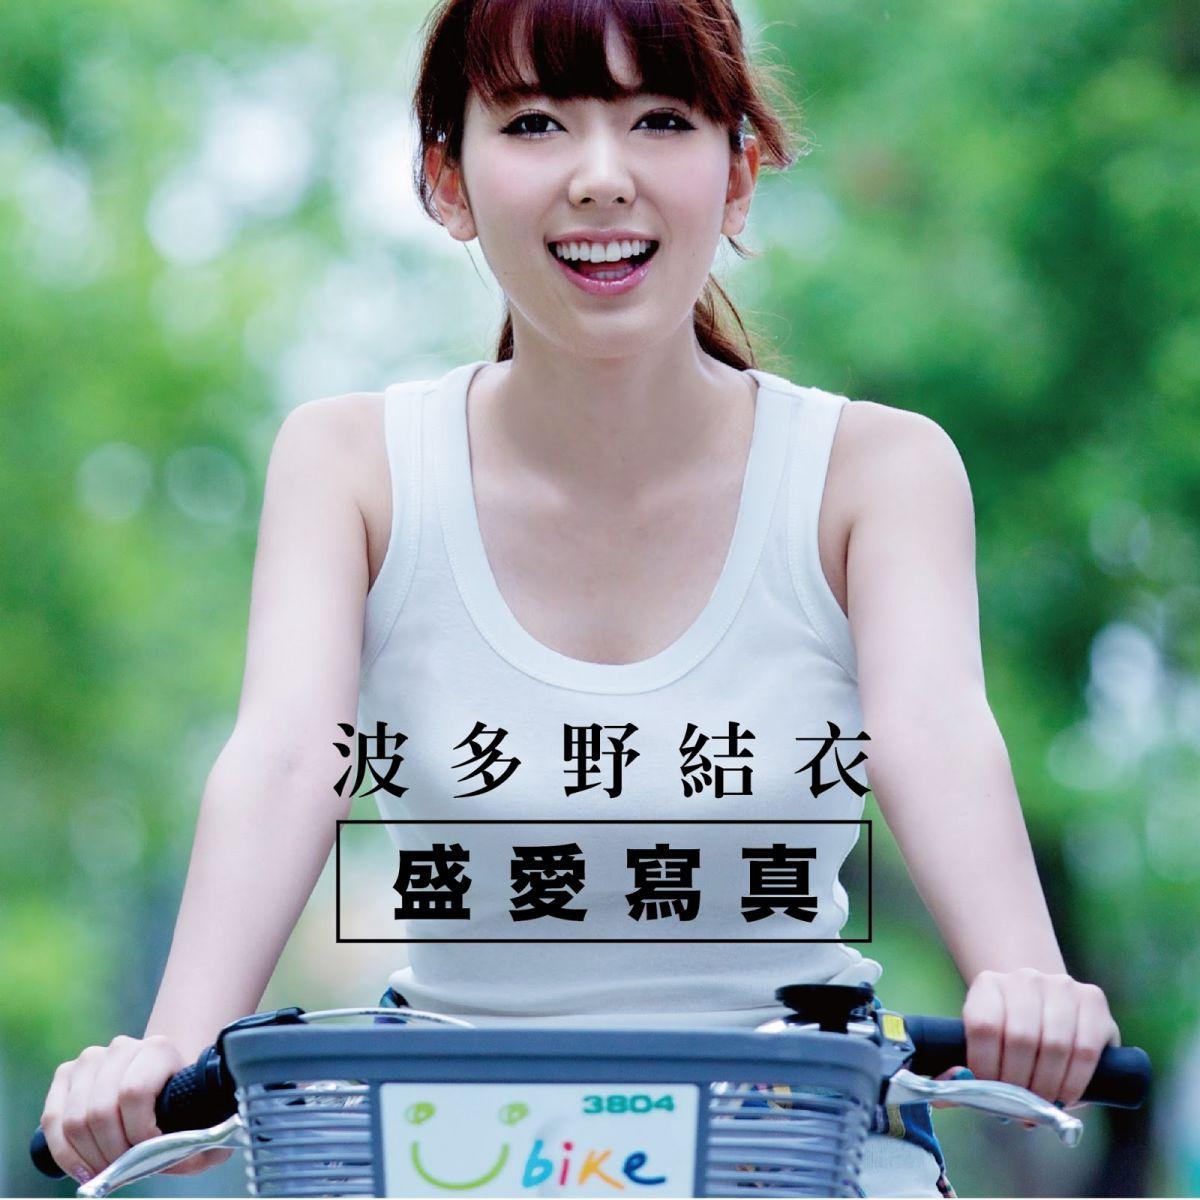 画像 : 中国台湾で大人気! AV界のリン・チーリン 波多野結衣